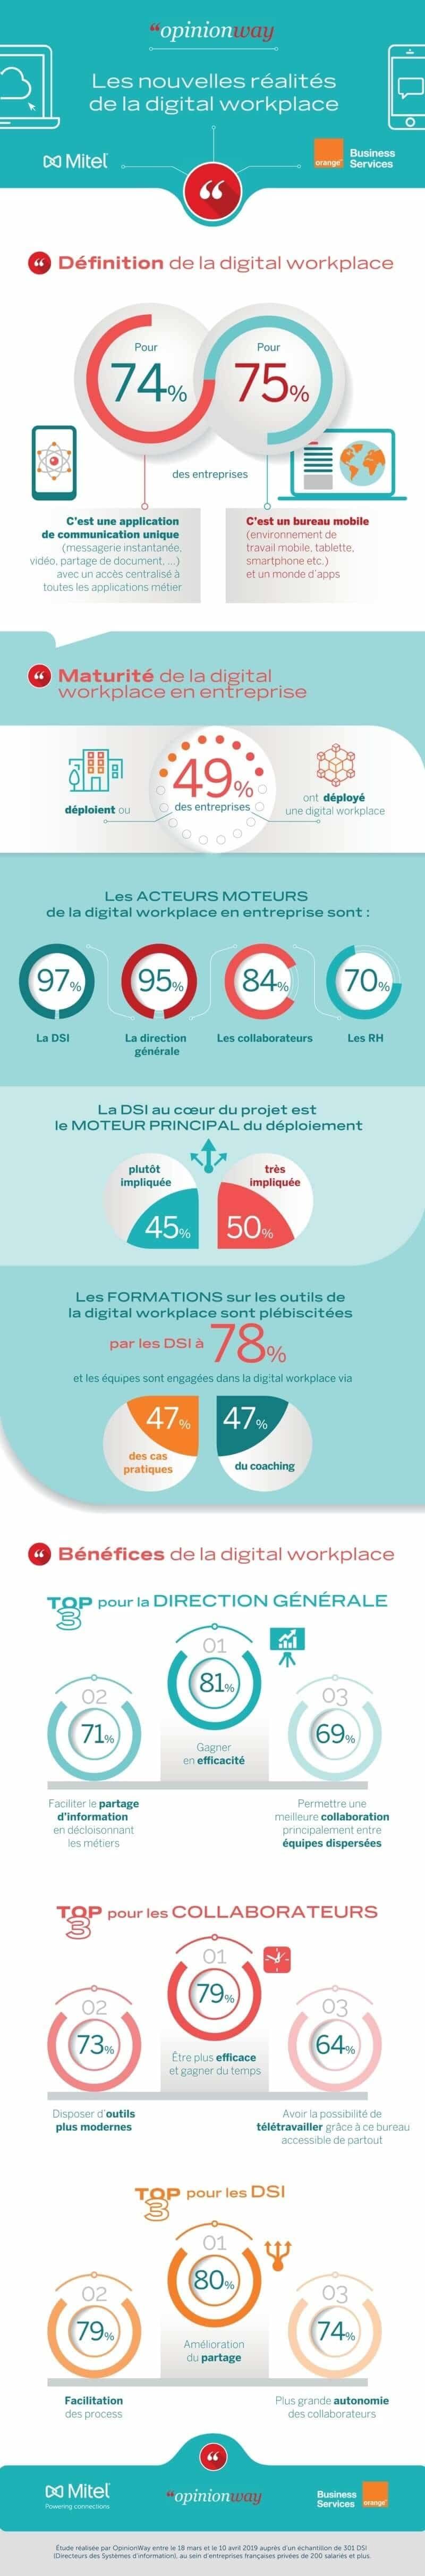 Les DSI français, aux avant-postes de la digitalisation de l'environnement de travail